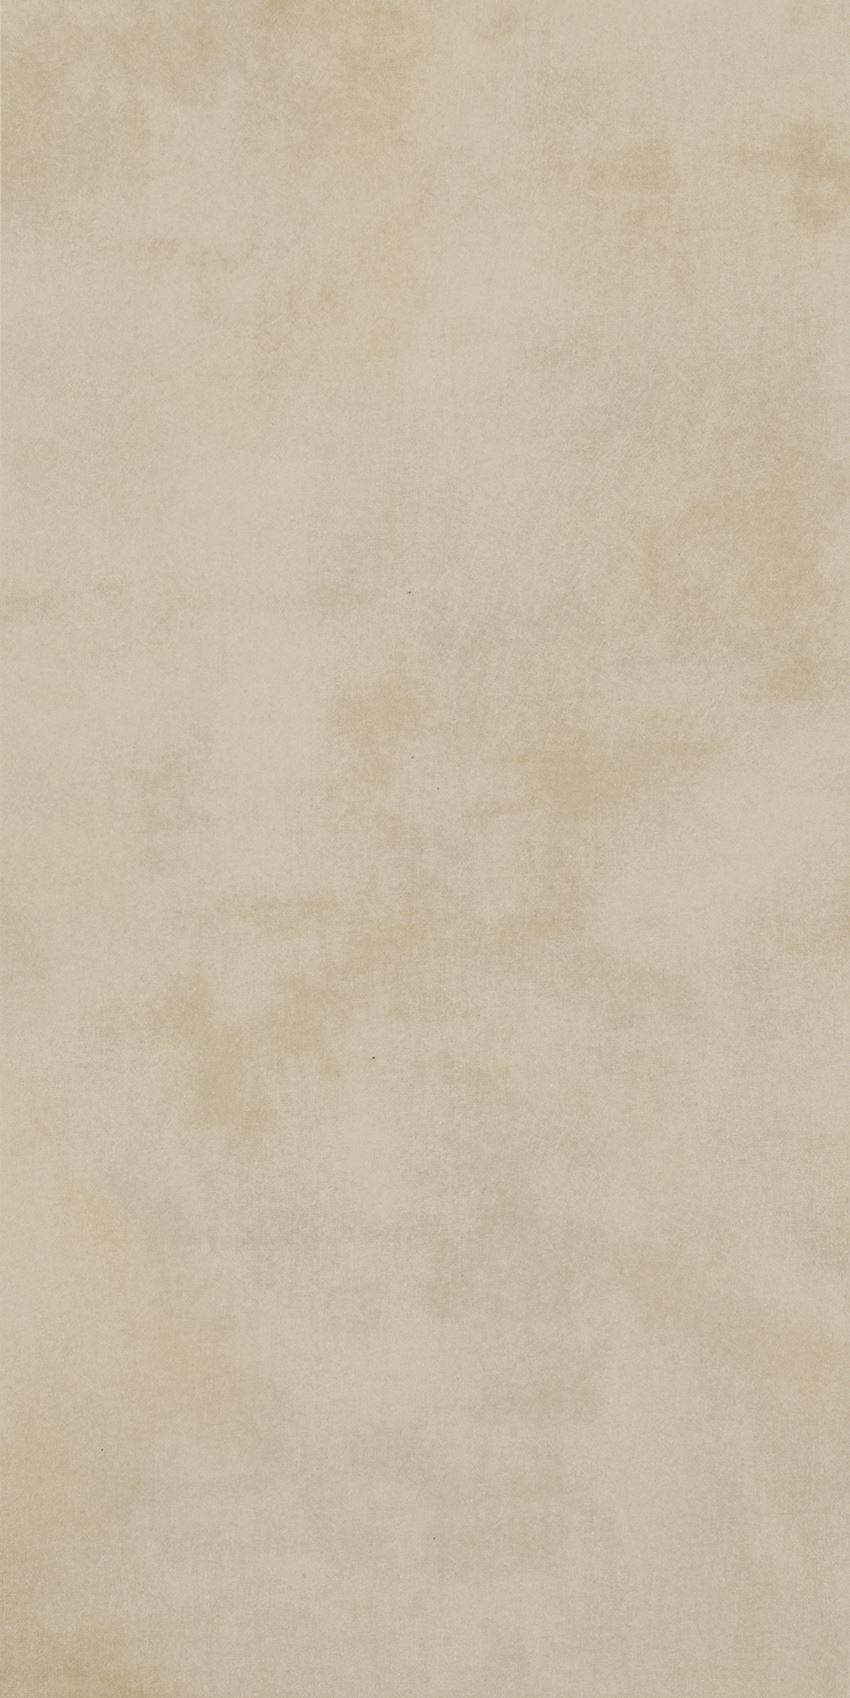 Płytka uniwersalna 29,8x59,8 cm Paradyż Tecniq Beige Gres Szkl. Rekt. Półpoler